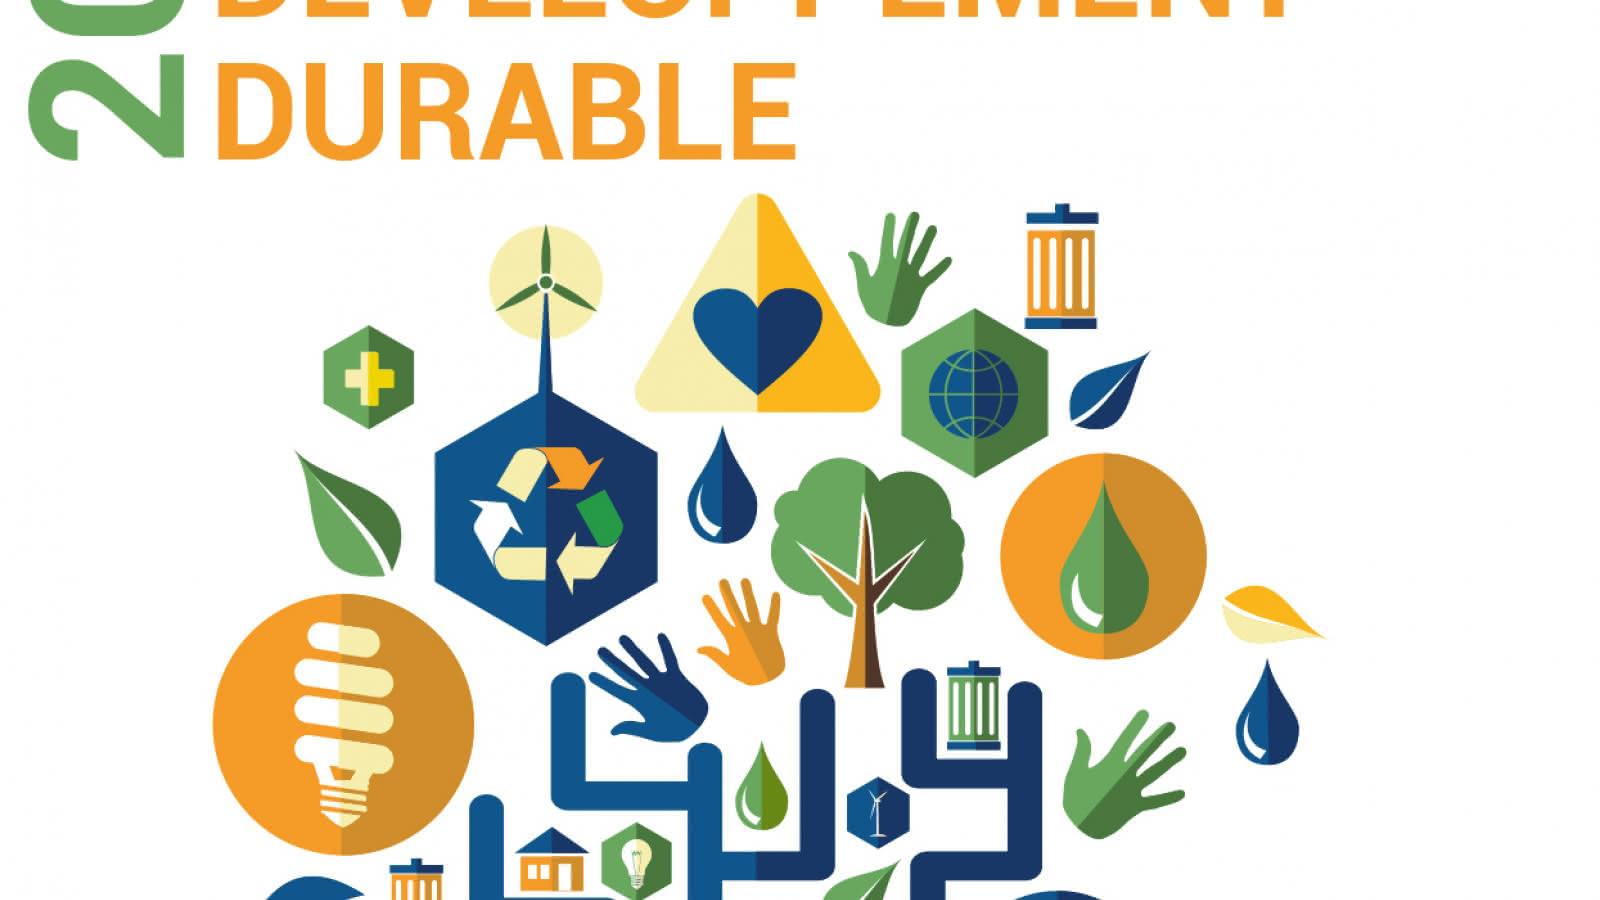 Comment gérer de façon durable les Forets ?